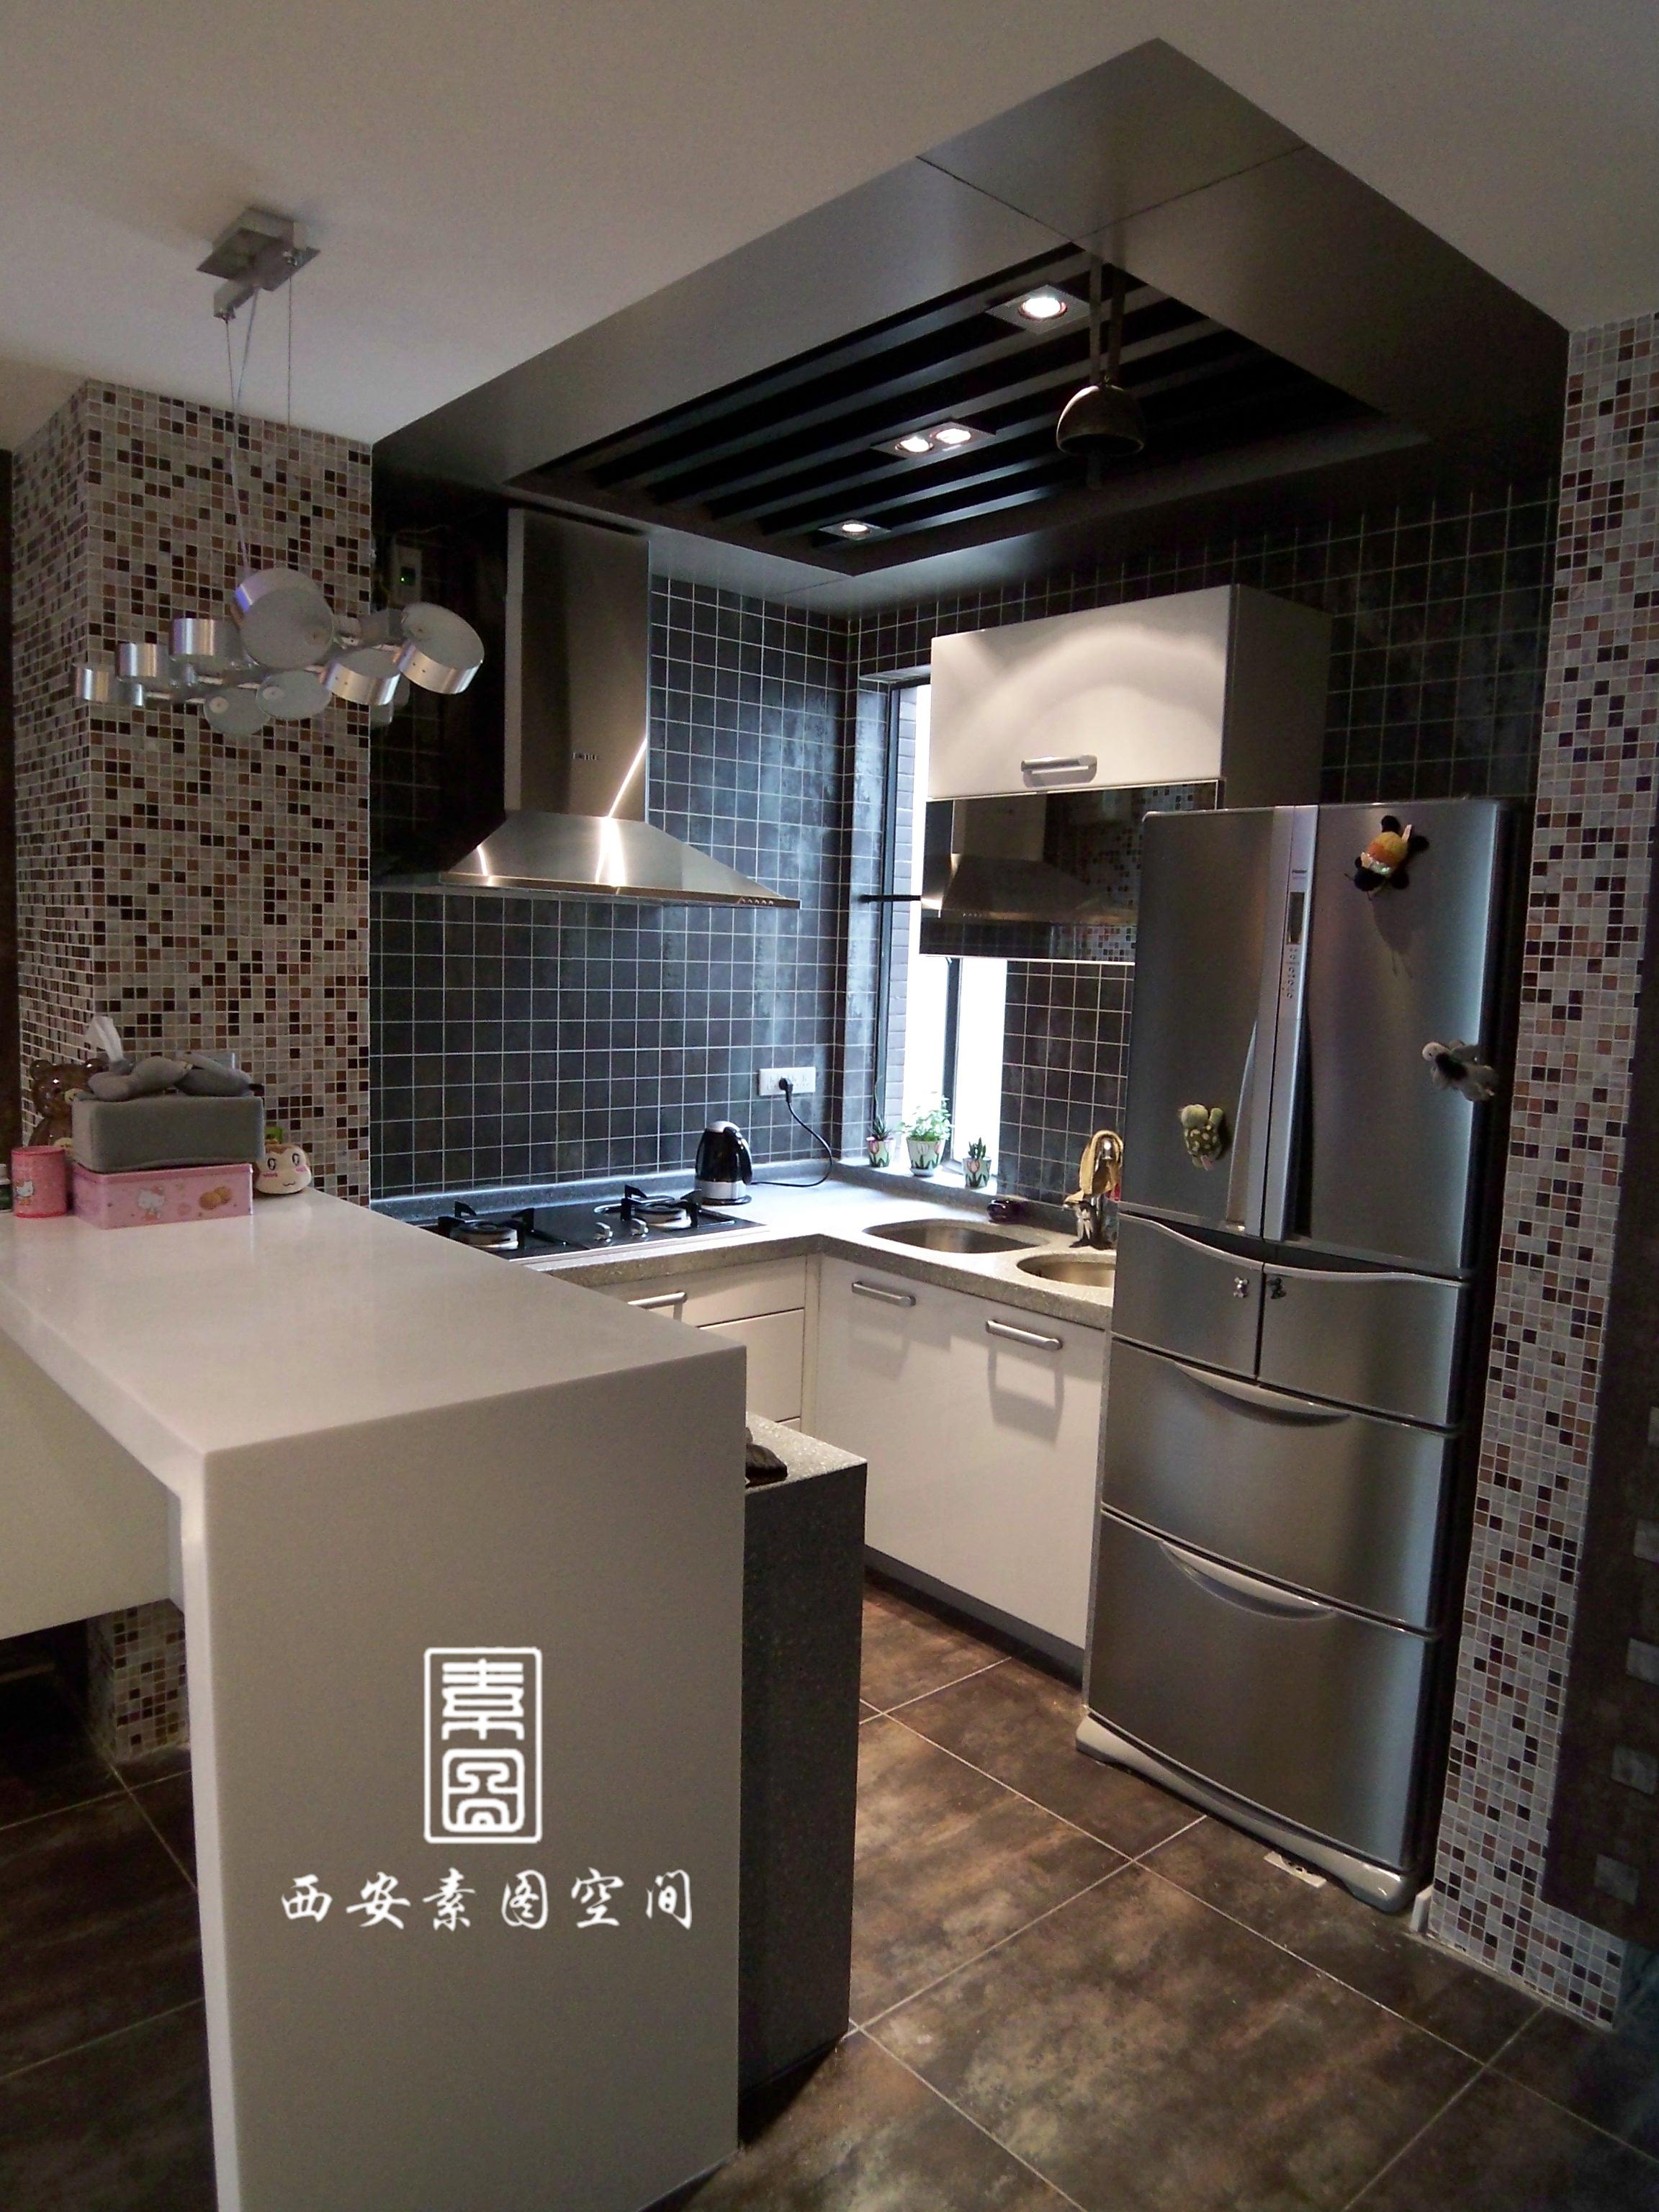 简约 混搭 白领 小资 80后 厨房图片来自Edwardlijie在宁静致远的分享